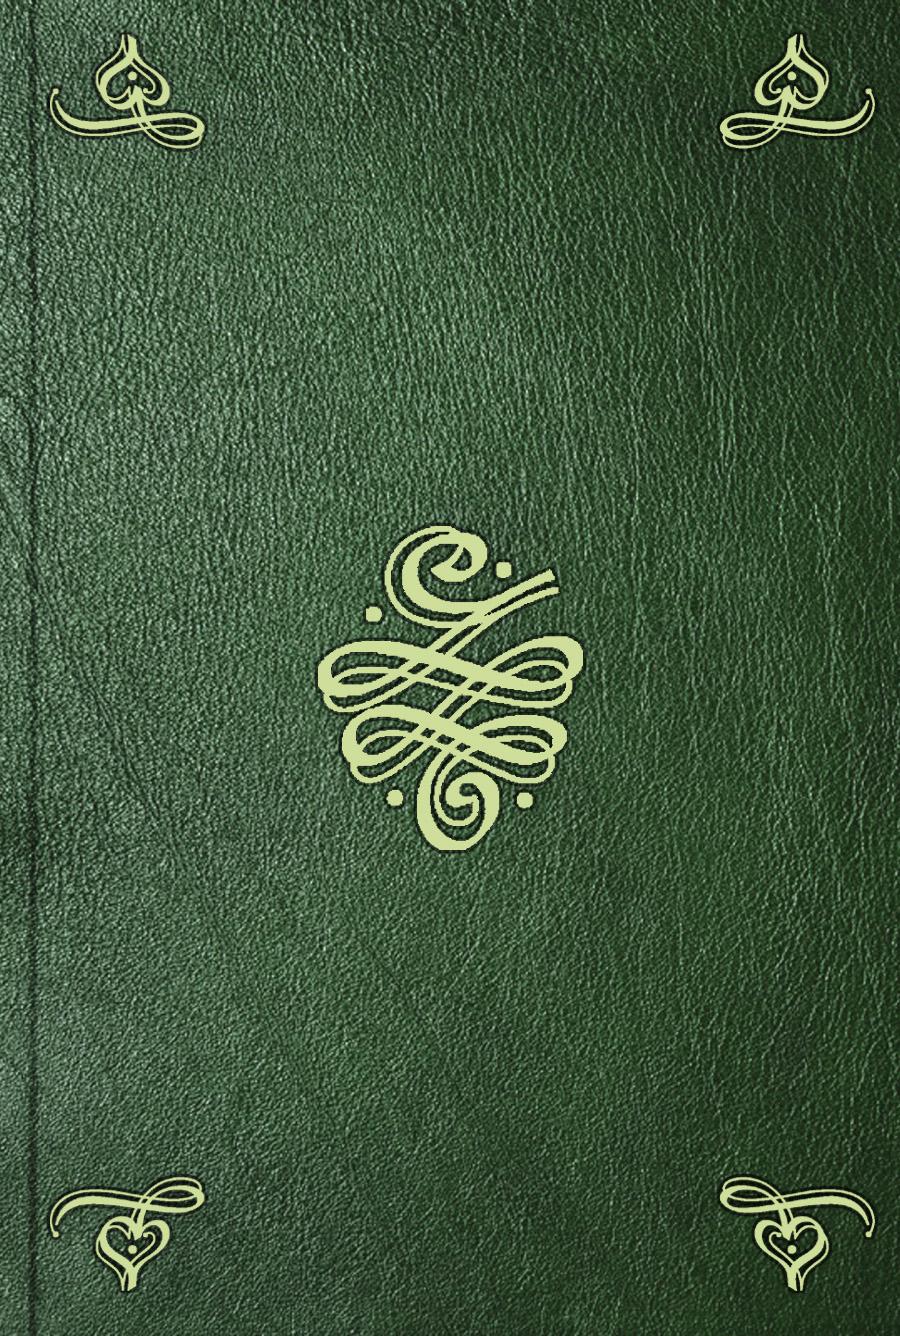 Collection complète du Moniteur universel de Paris. T. 1